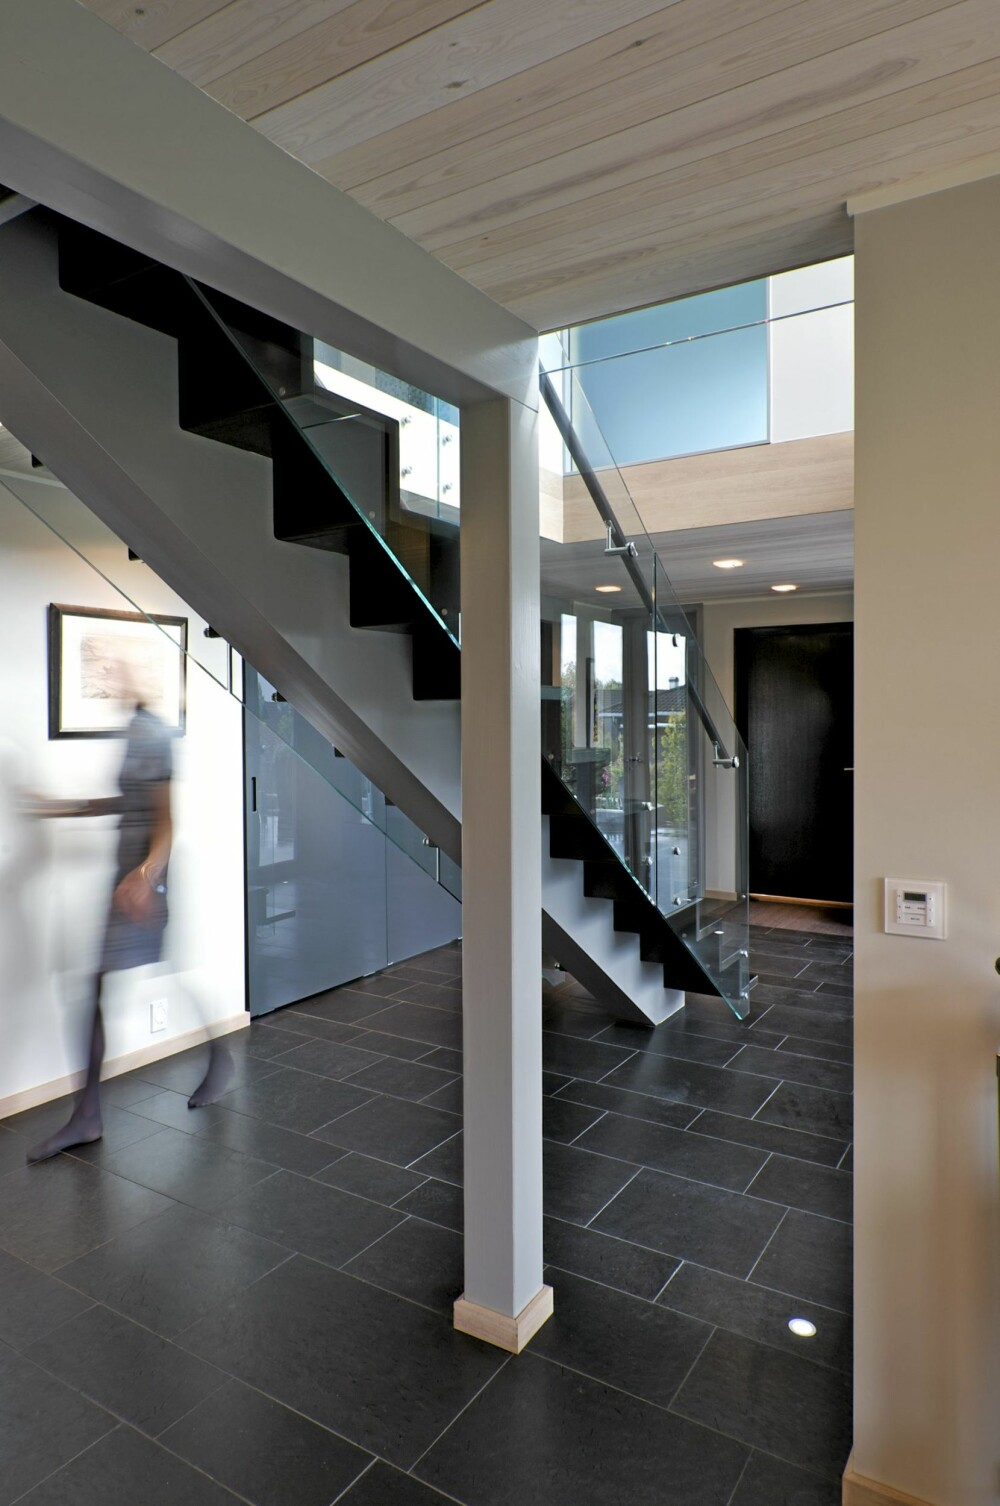 HØYREIST: I første etasje ser vi hvordan trappa med en midtstilt vange er konstruert. Mørk Pillarguri skifer på gulvet.